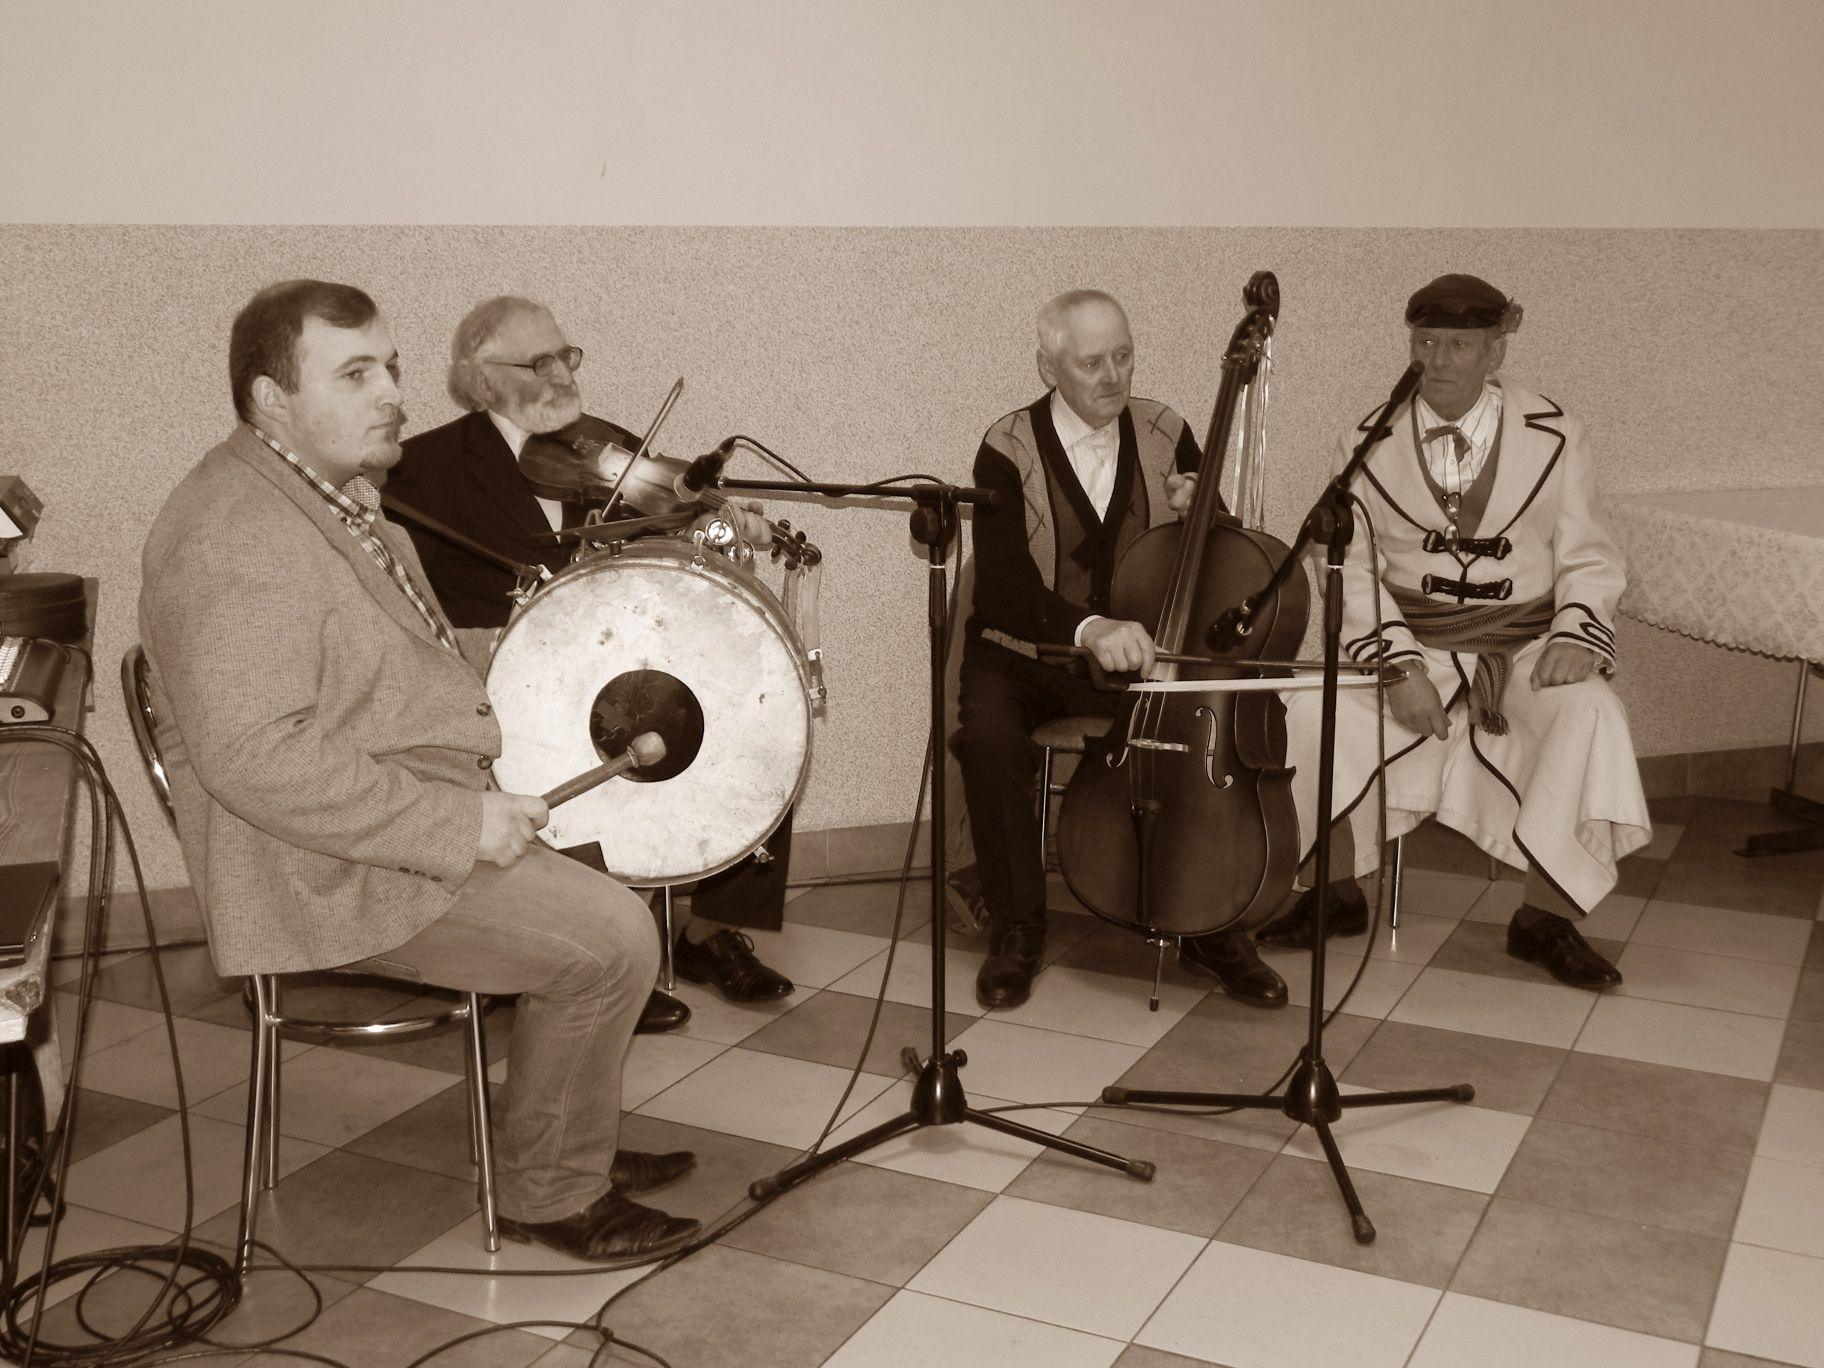 2016-02-06 Sierzchowy - Jacek Szczur, Janek Kępa, Franciszek Miniak i Ignacy Sputowski